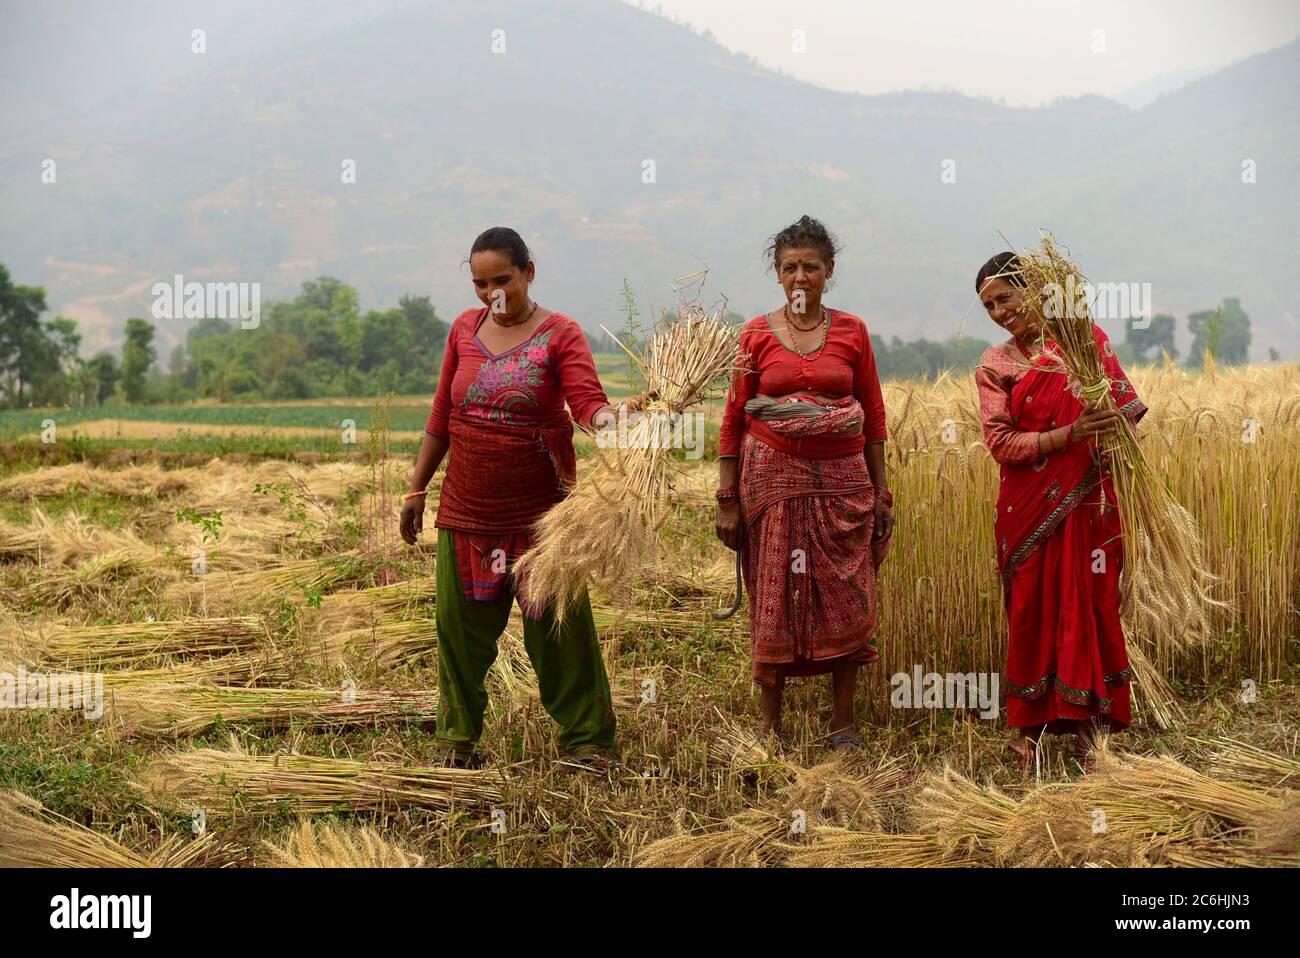 Mujeres agricultoras que cosechan trigo en un campo agrícola del distrito de Kavrepalanchok, Nepal. Foto de stock